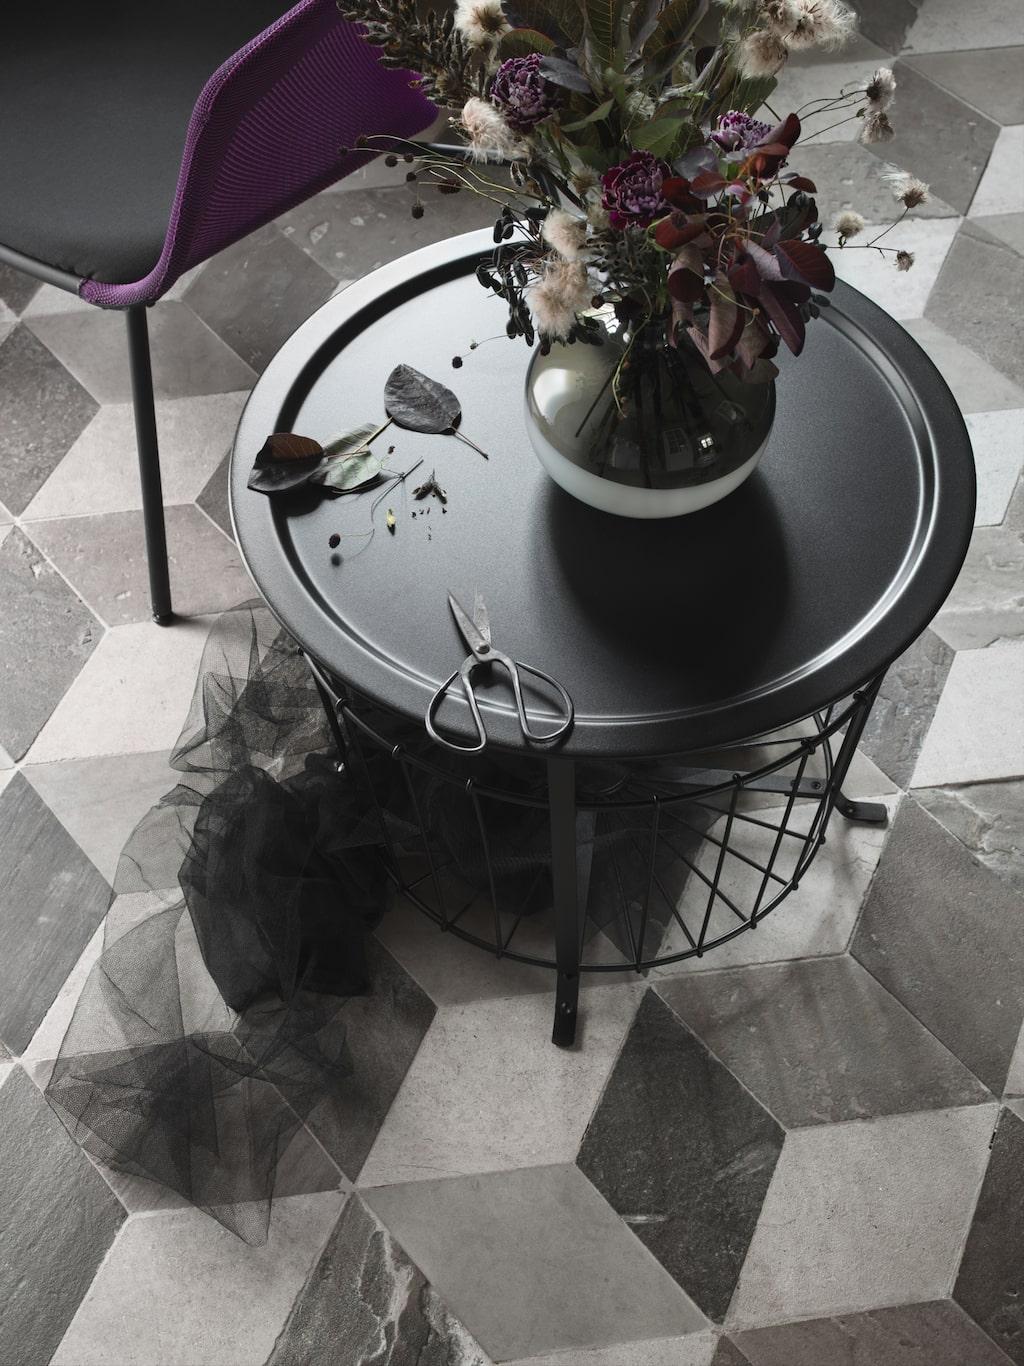 Gulalöv förvaringsbord har en luftig design som gör bordet lätt att flytta runt, och ger både praktisk förvaring och exponering av allt från filtar till tidningar. Bordet passar som både soffbord, avlastningsbord eller sängbord. Pris: 499 kr.